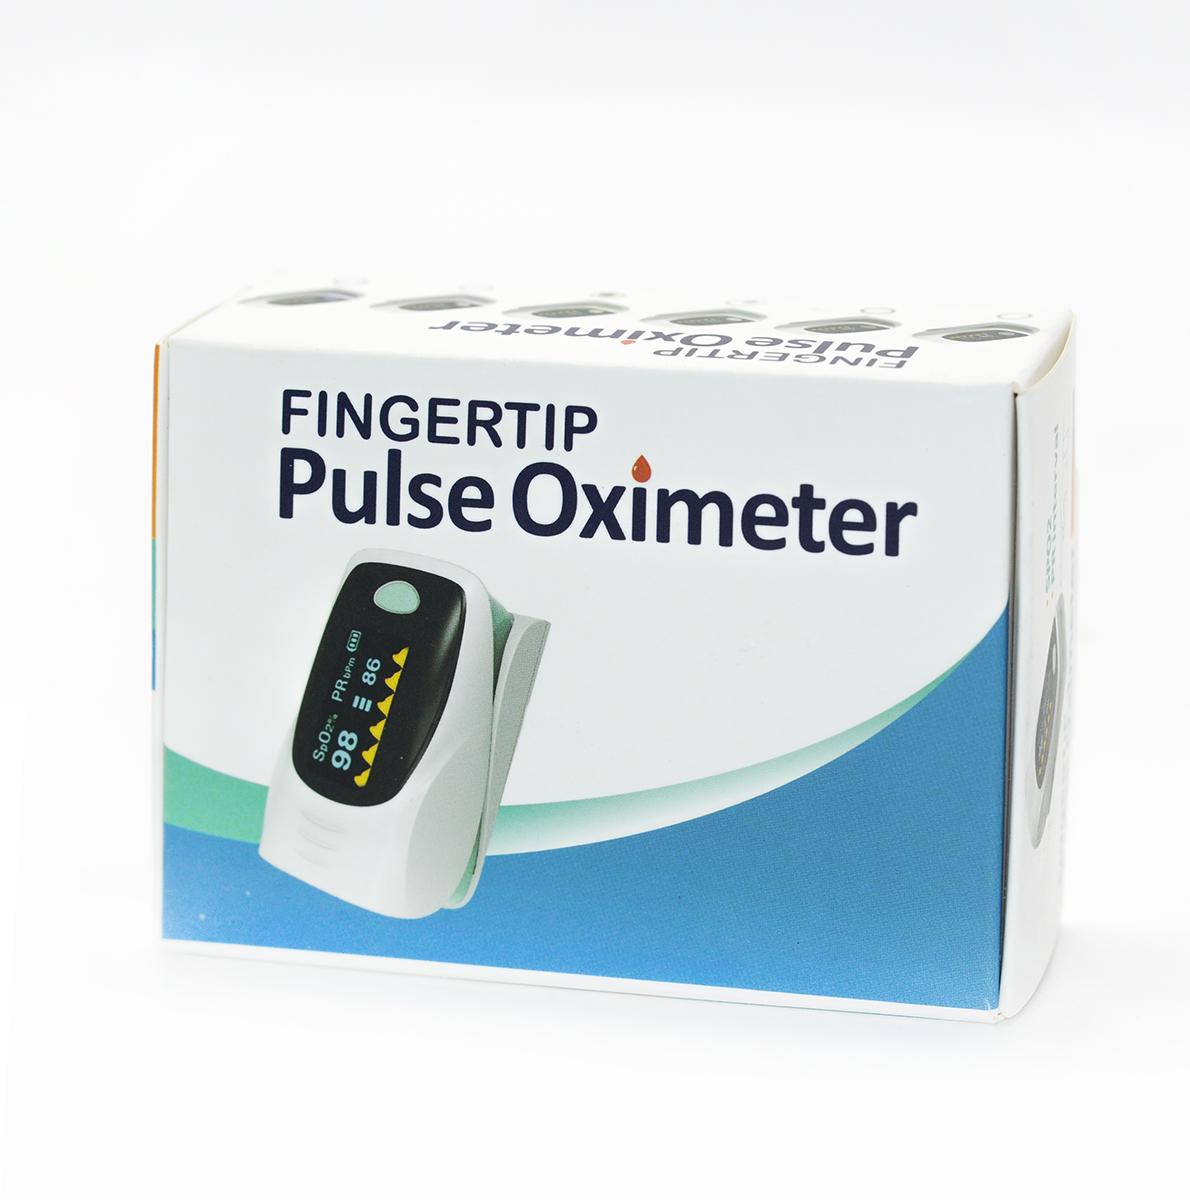 Fingertip Pulse Oximeter Oxímetro de pulso